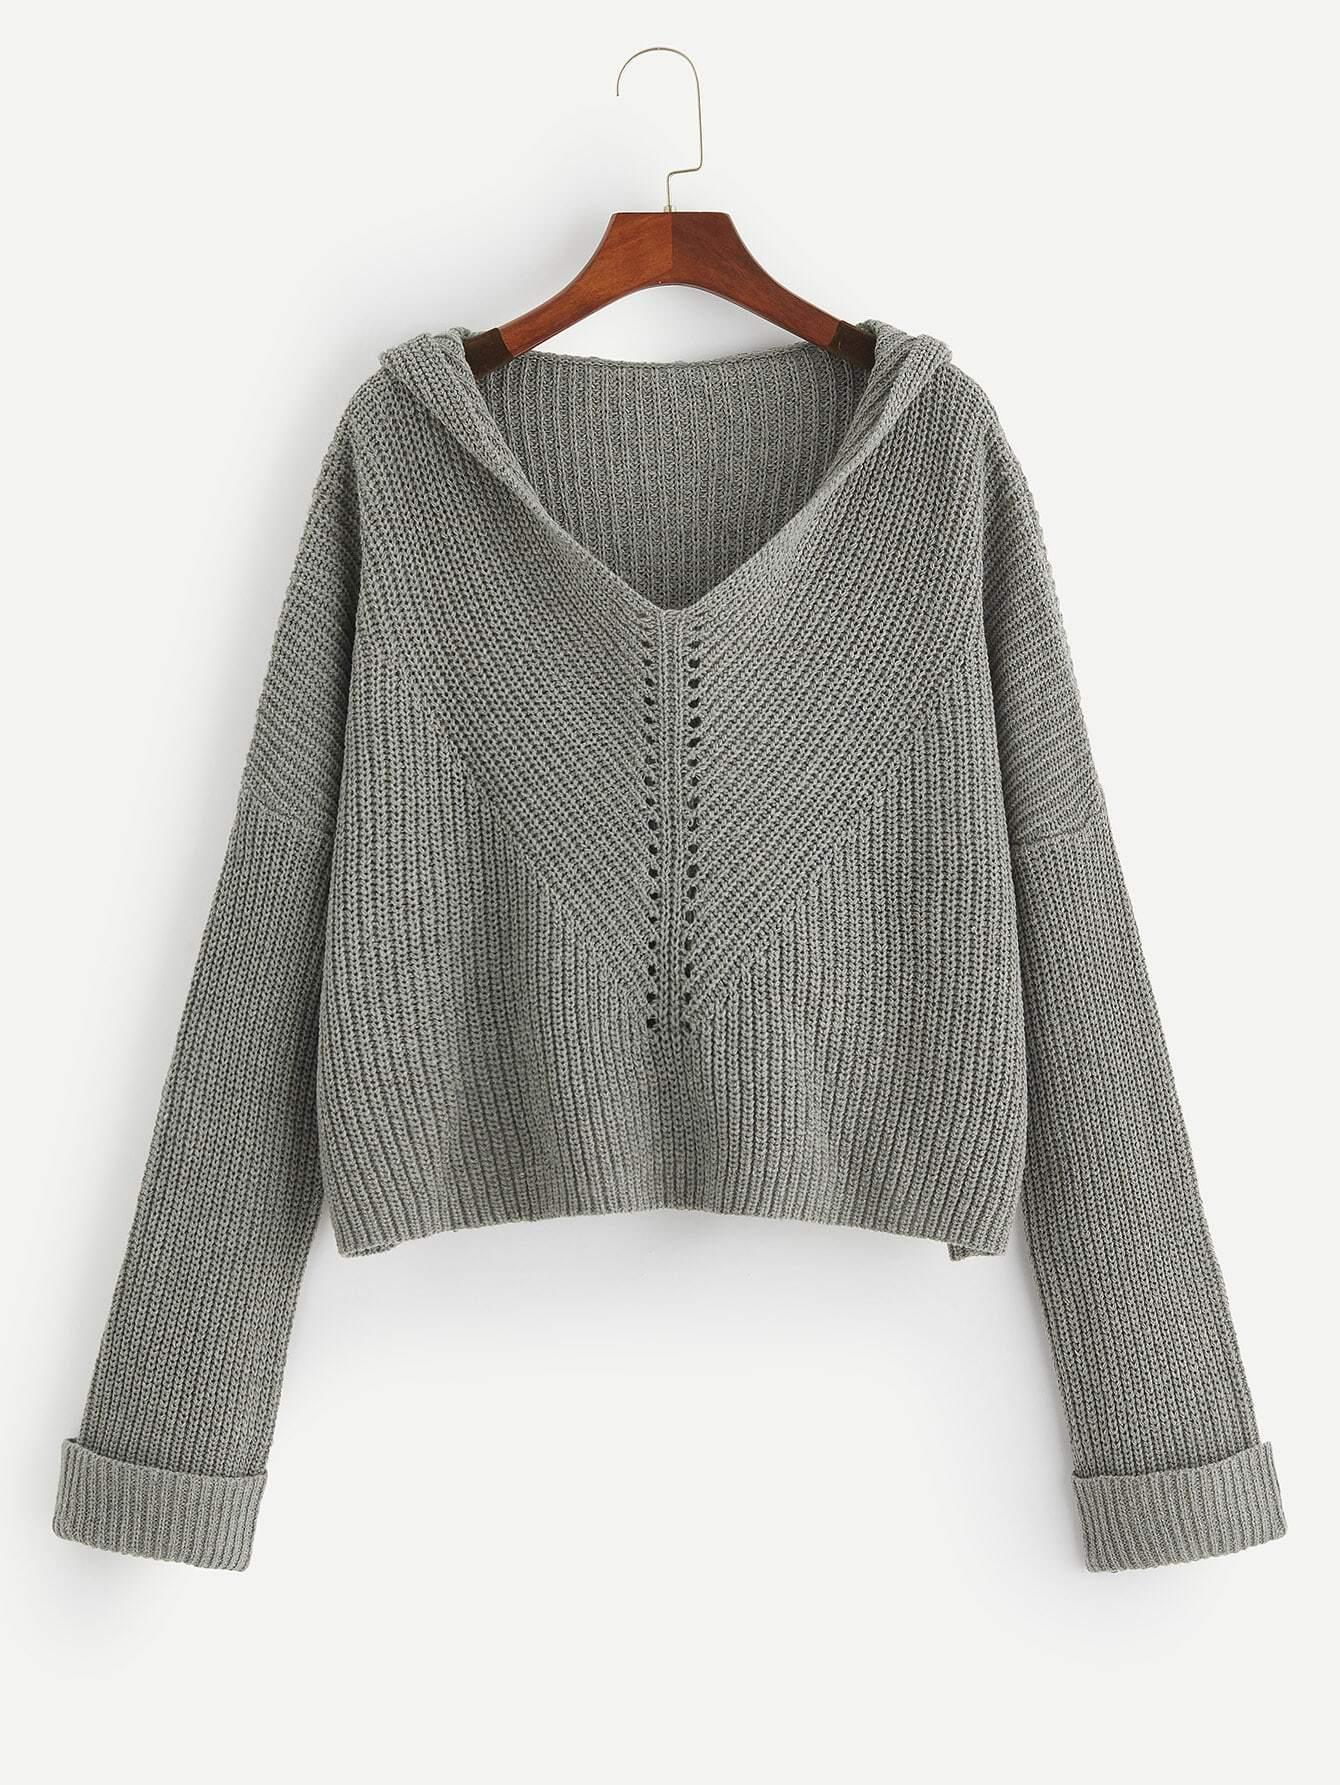 Купить Размера плюс свитер крупной вязки с капюшоном, null, SheIn